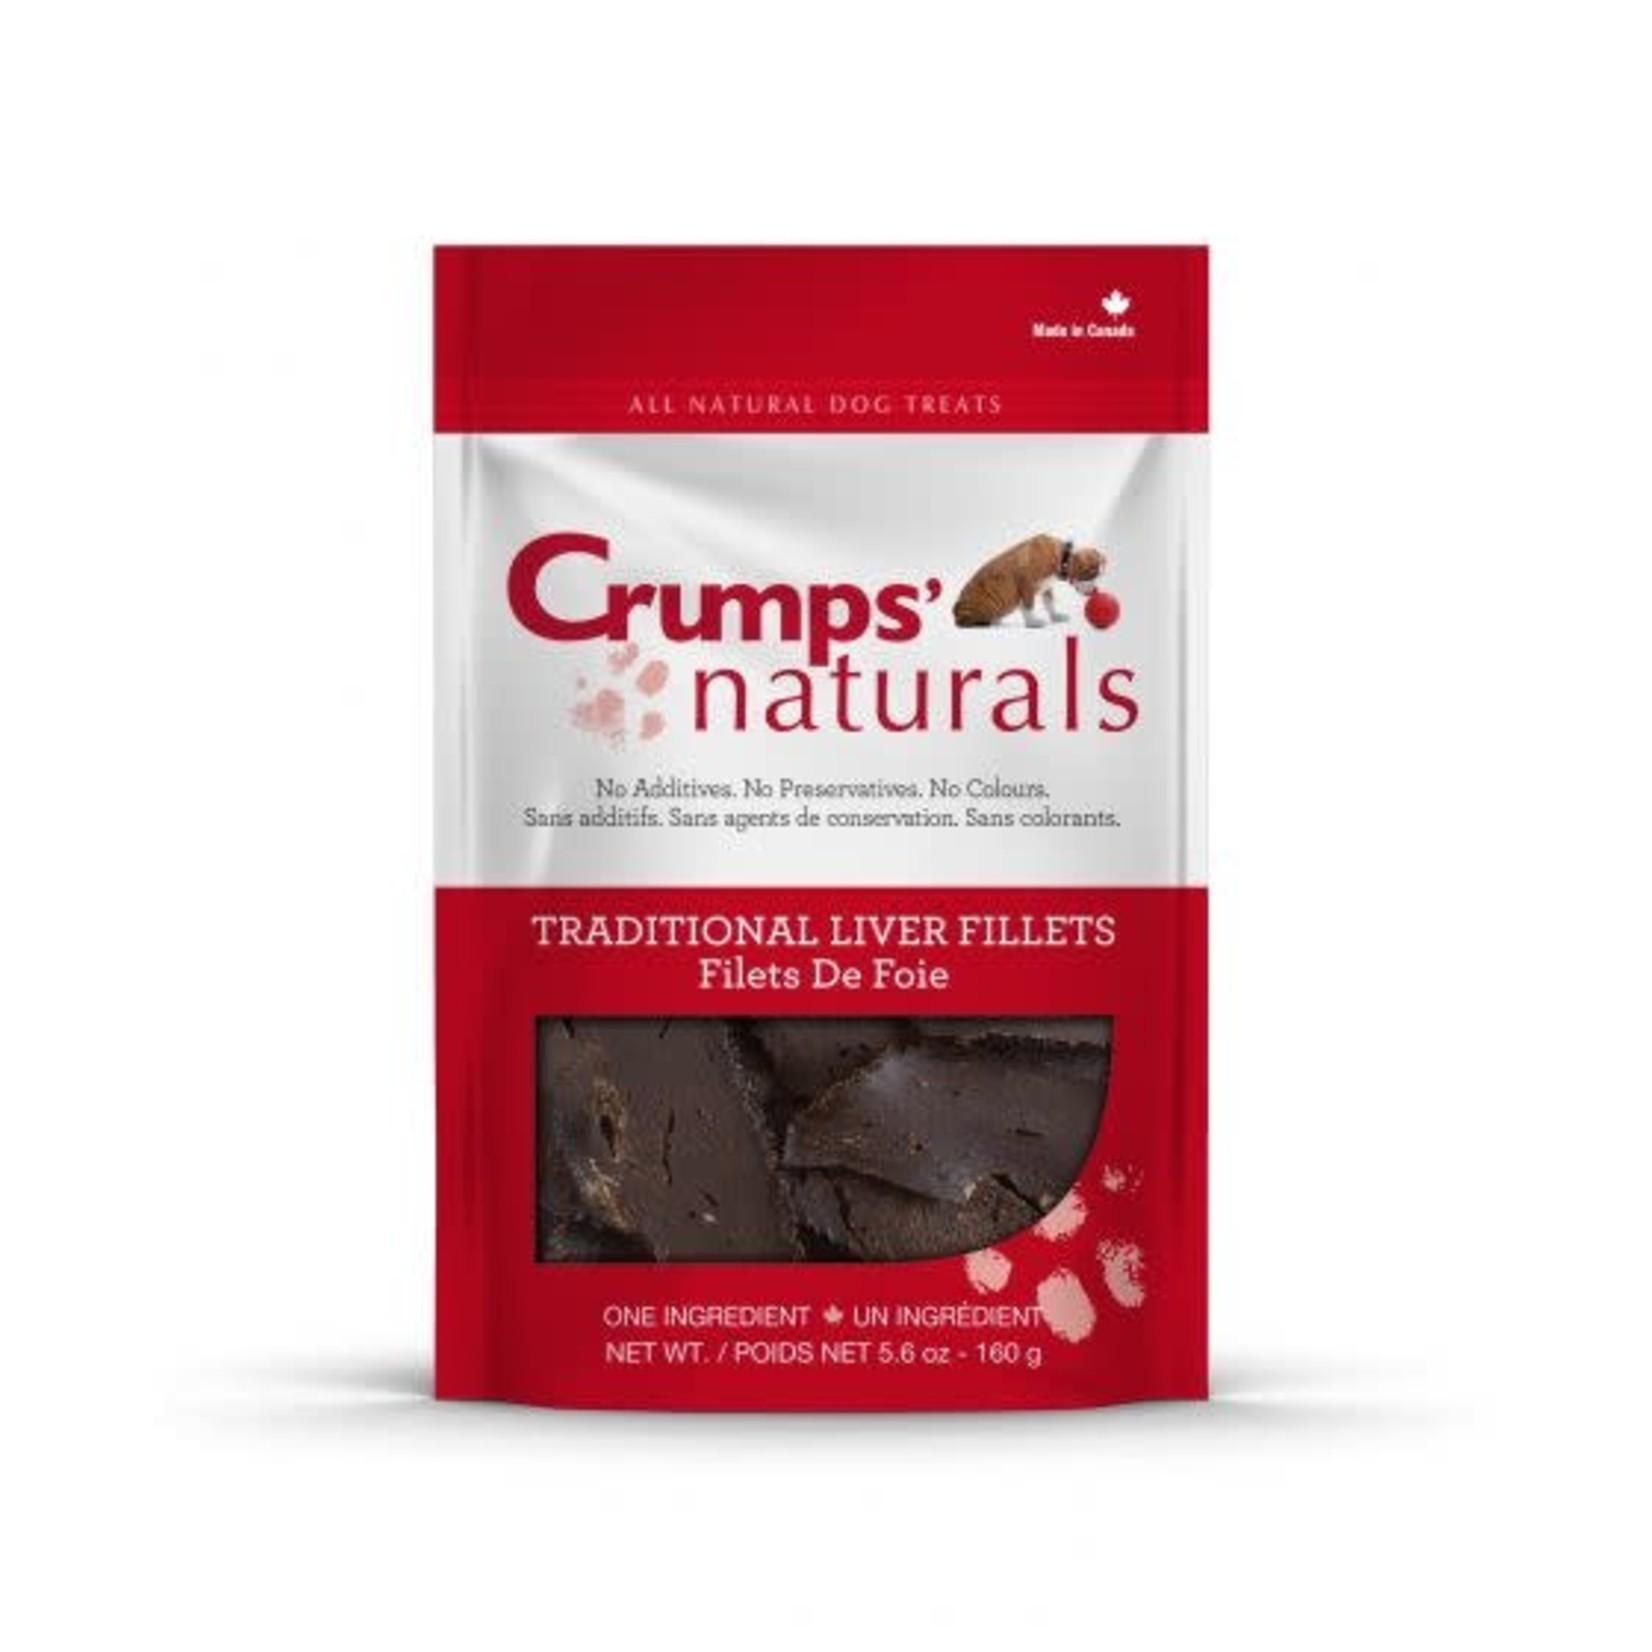 Crumps Crumps Traditional Liver Fillets 2.4oz